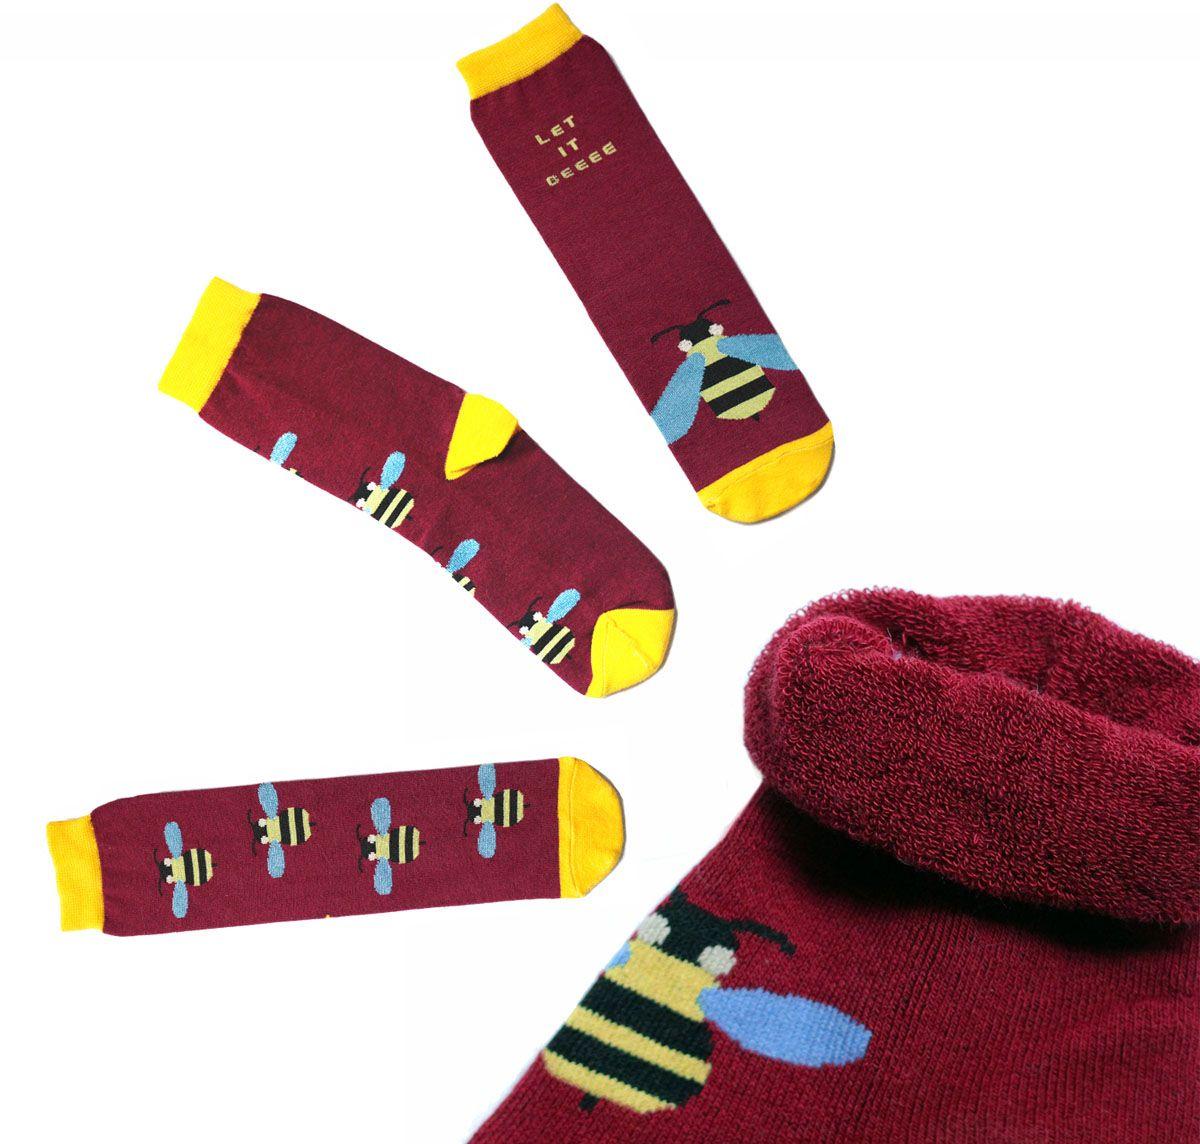 ca11023Женский махровые носки Big Bang Socks изготовлены из высококачественного хлопка с добавлением полиамидных и эластановых волокон, которые обеспечивают великолепную посадку. Удобная резинка идеально облегает ногу и не пережимает сосуды, а удлиненный паголенок придает более эстетичный вид. Мысок и пятка усилены. Модель оформлена принтом с изображением ос и надписью Let it beeee.